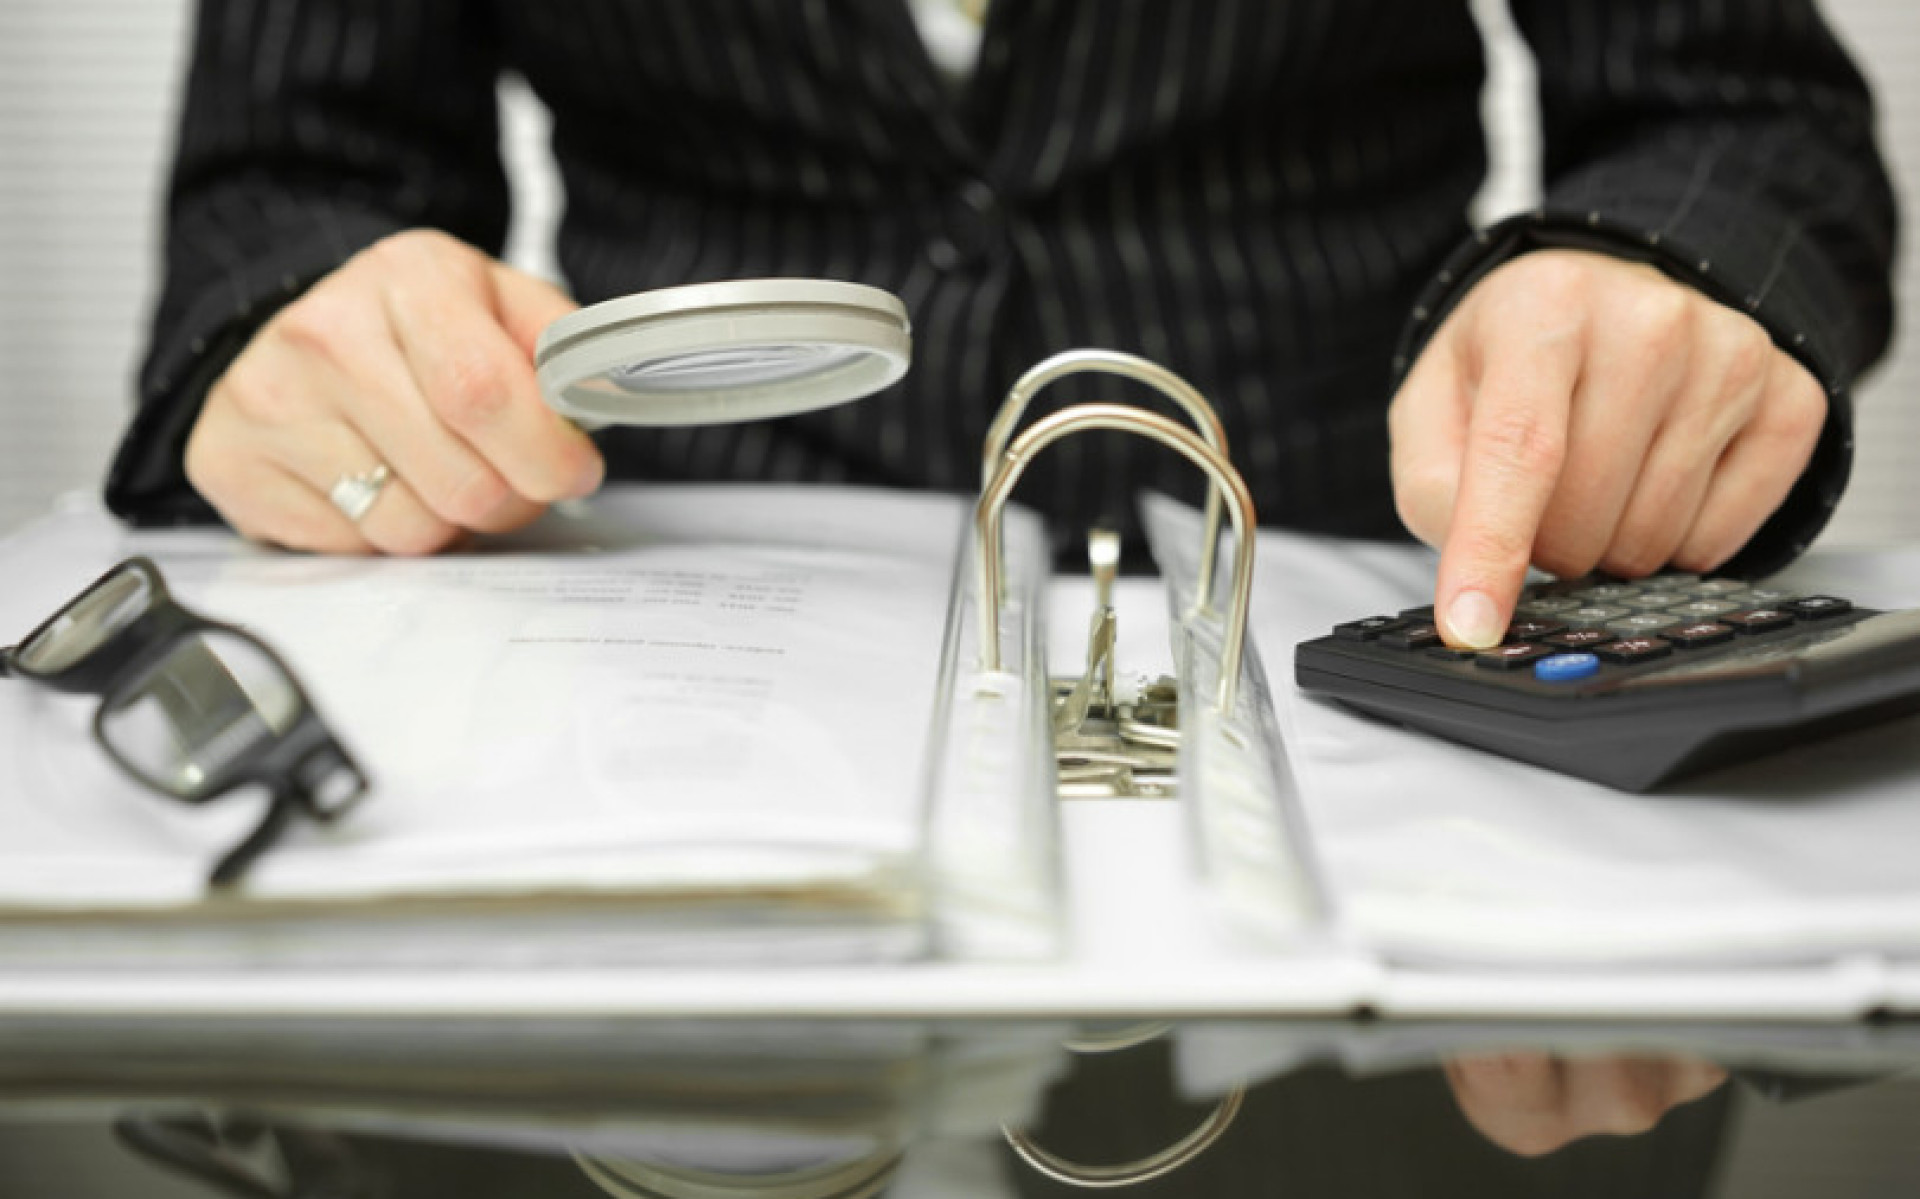 Kolik peněz vybrala finanční správa nezákonně? Neví a musí si udělat analýzu